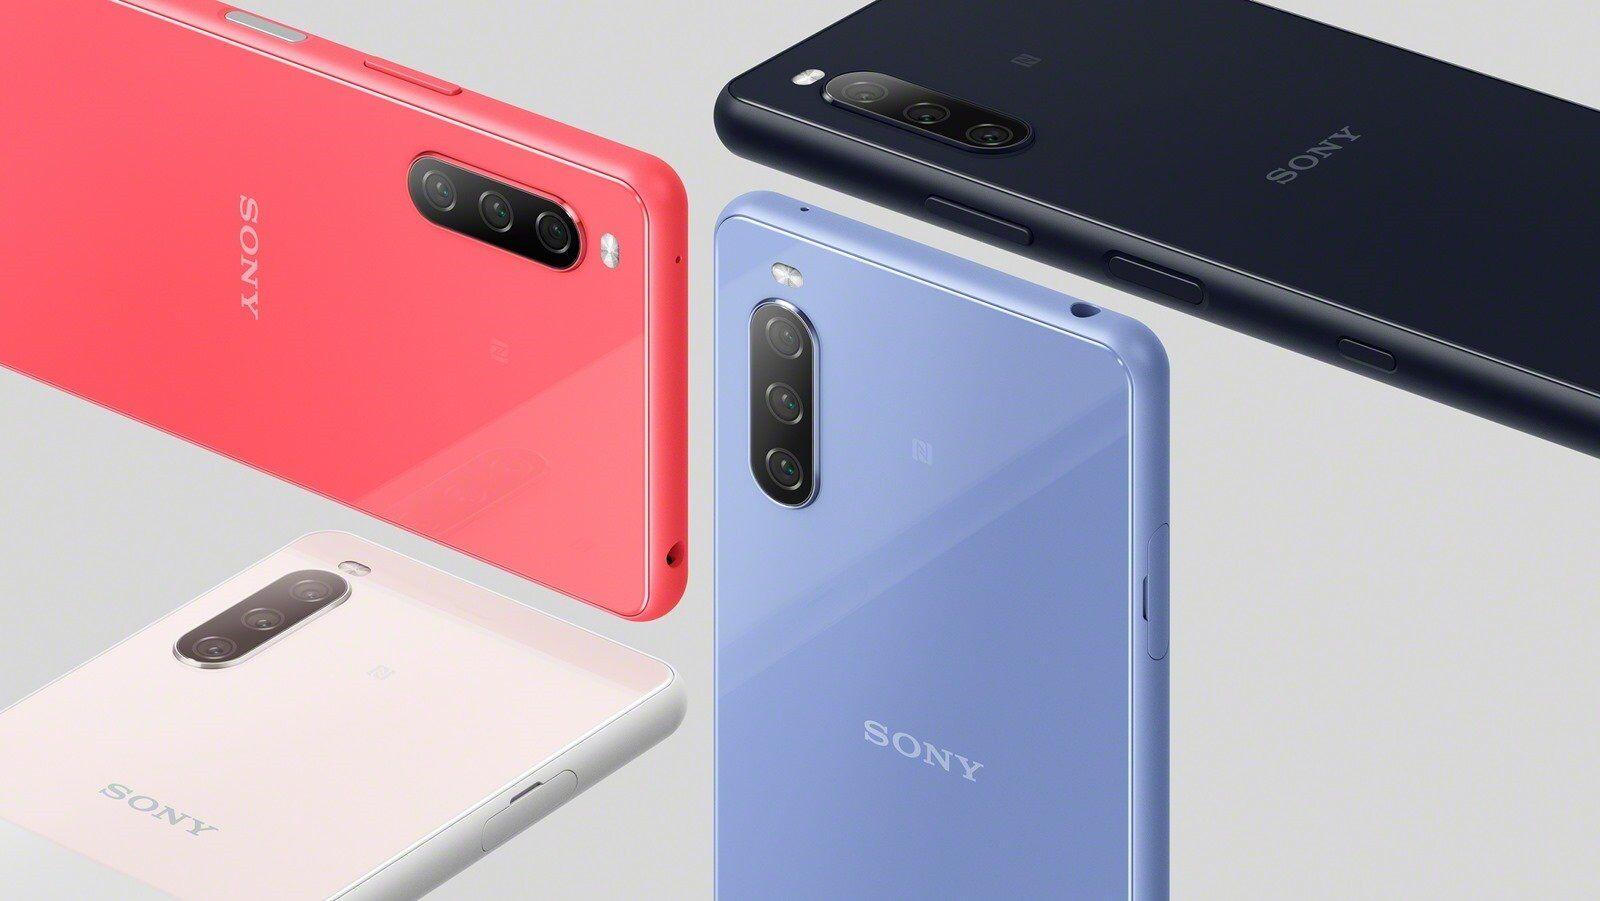 圖說一、Sony-Mobile 全新萬元防水夜拍機 Xperia-10-III 今日 0518 正式在台發表,將於下周正式在台上市_thumb.jpg @3C 達人廖阿輝